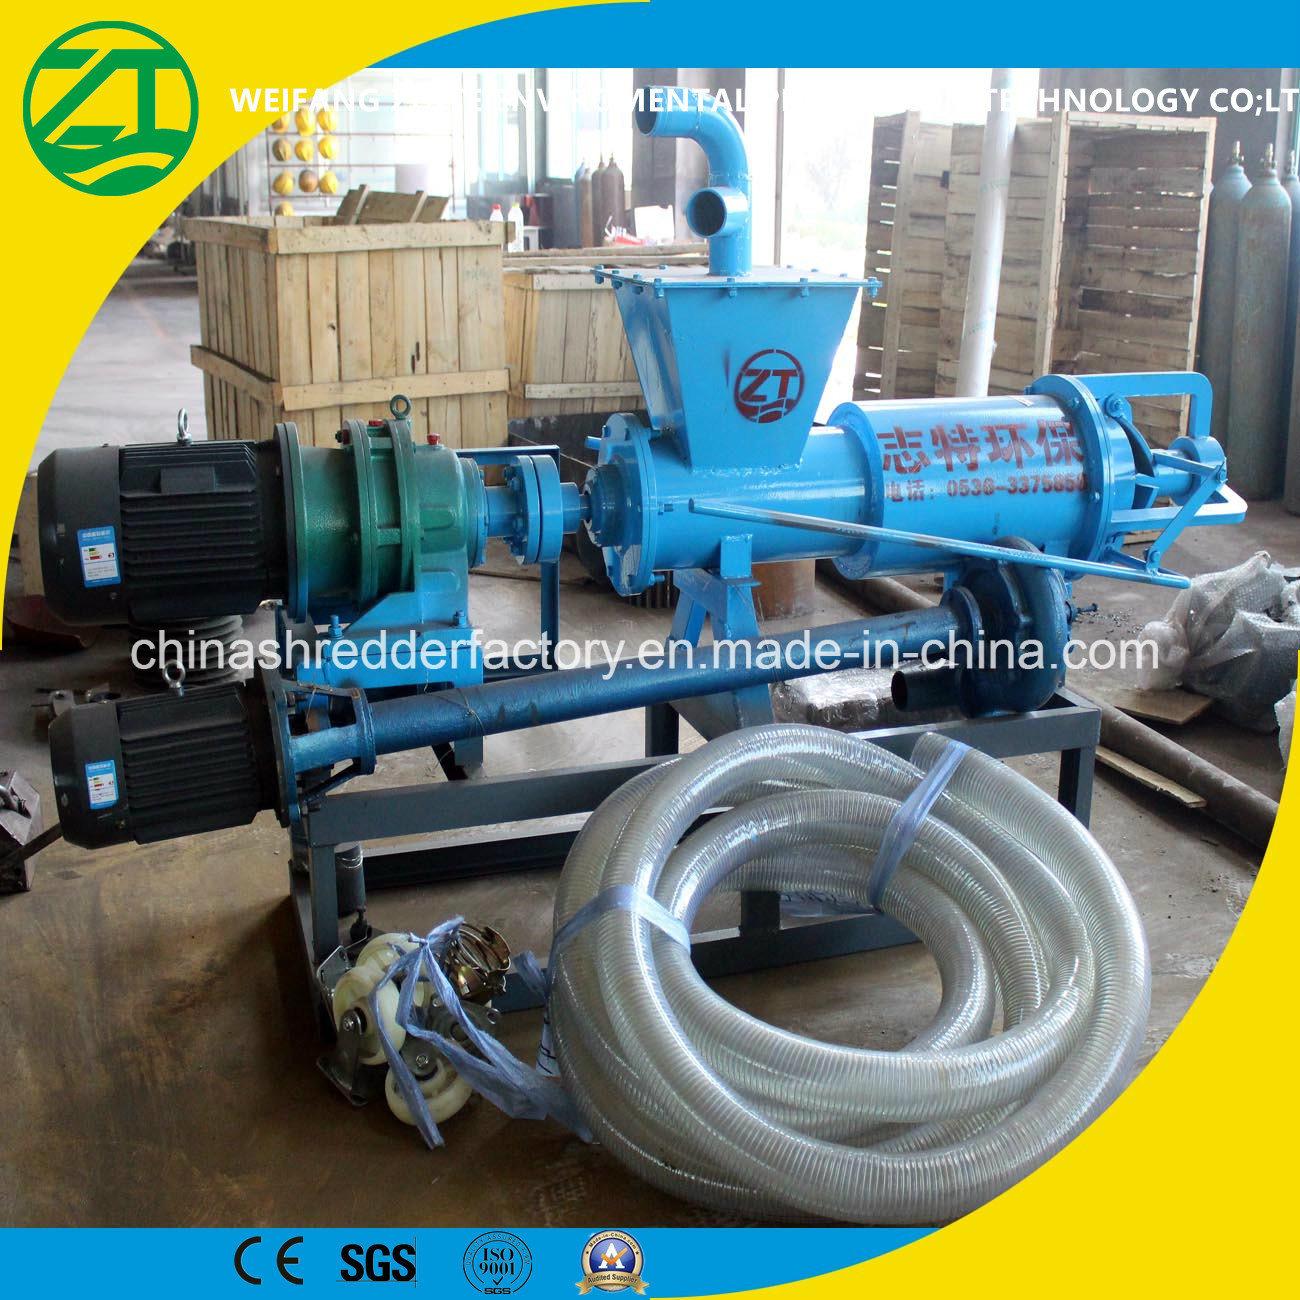 Chicken/Pig/Cattle/Cow Dung/Waste Dewater Machine